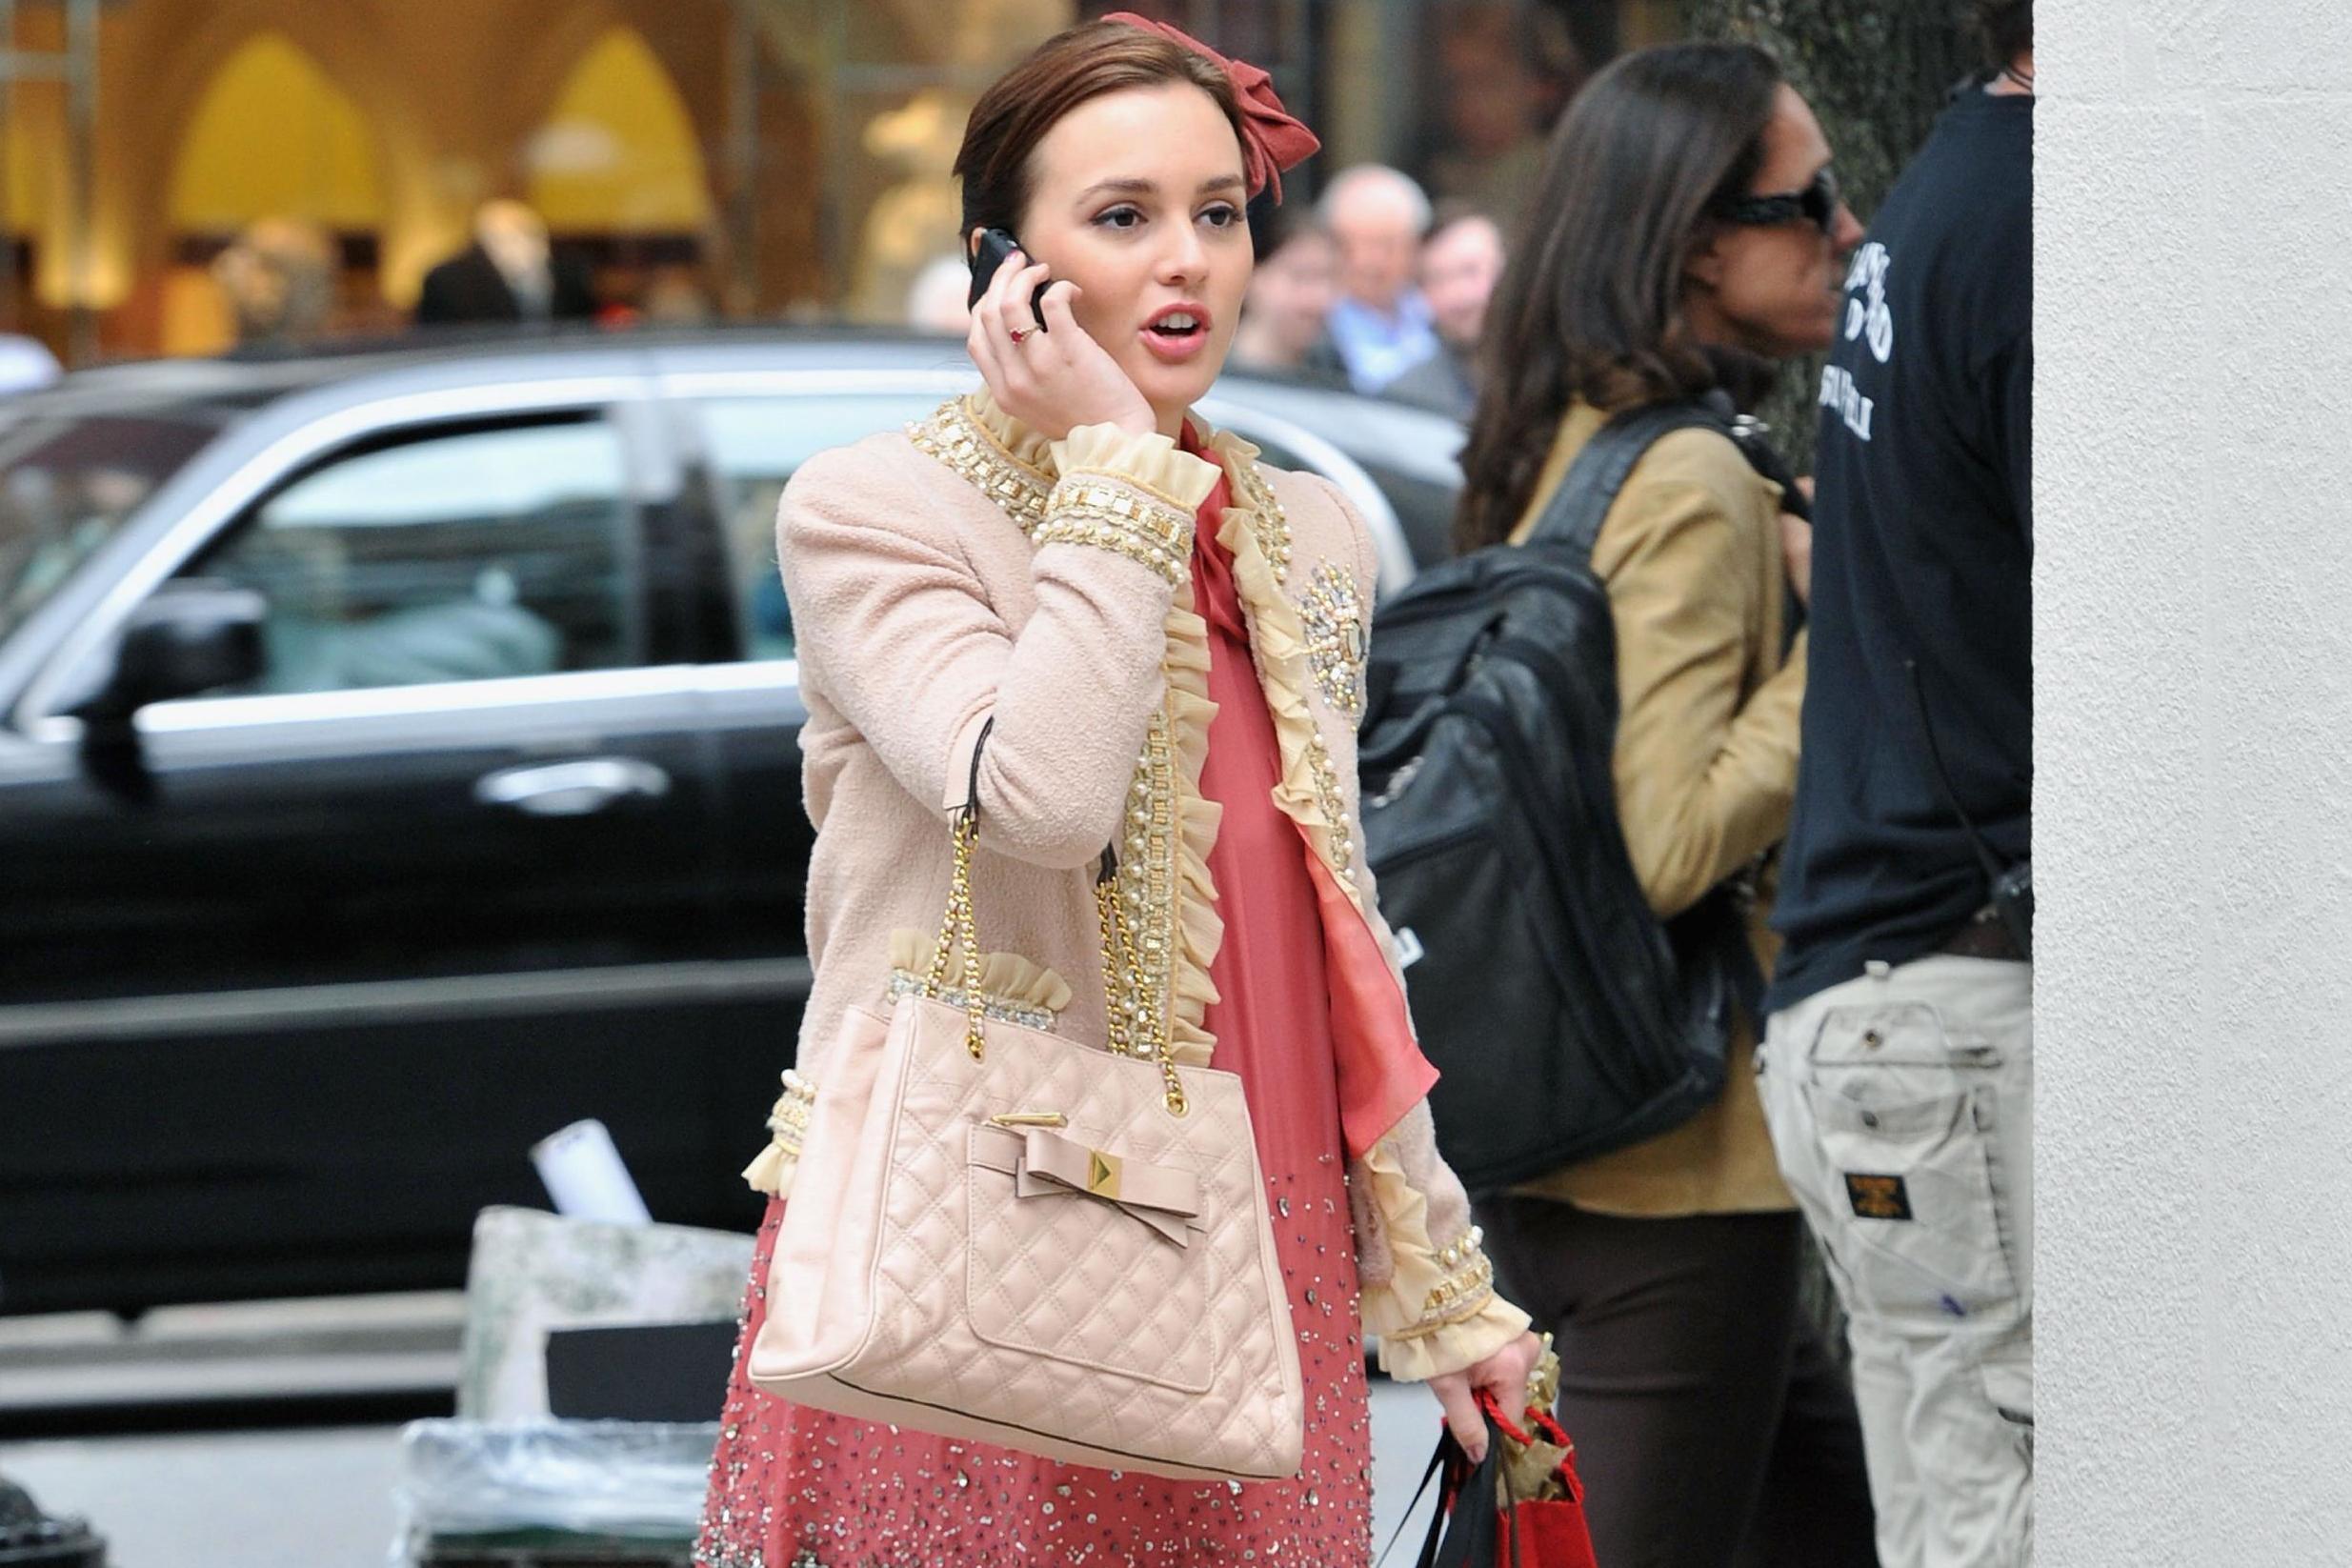 Leighton Meester in Gossip Girl - Neomag.